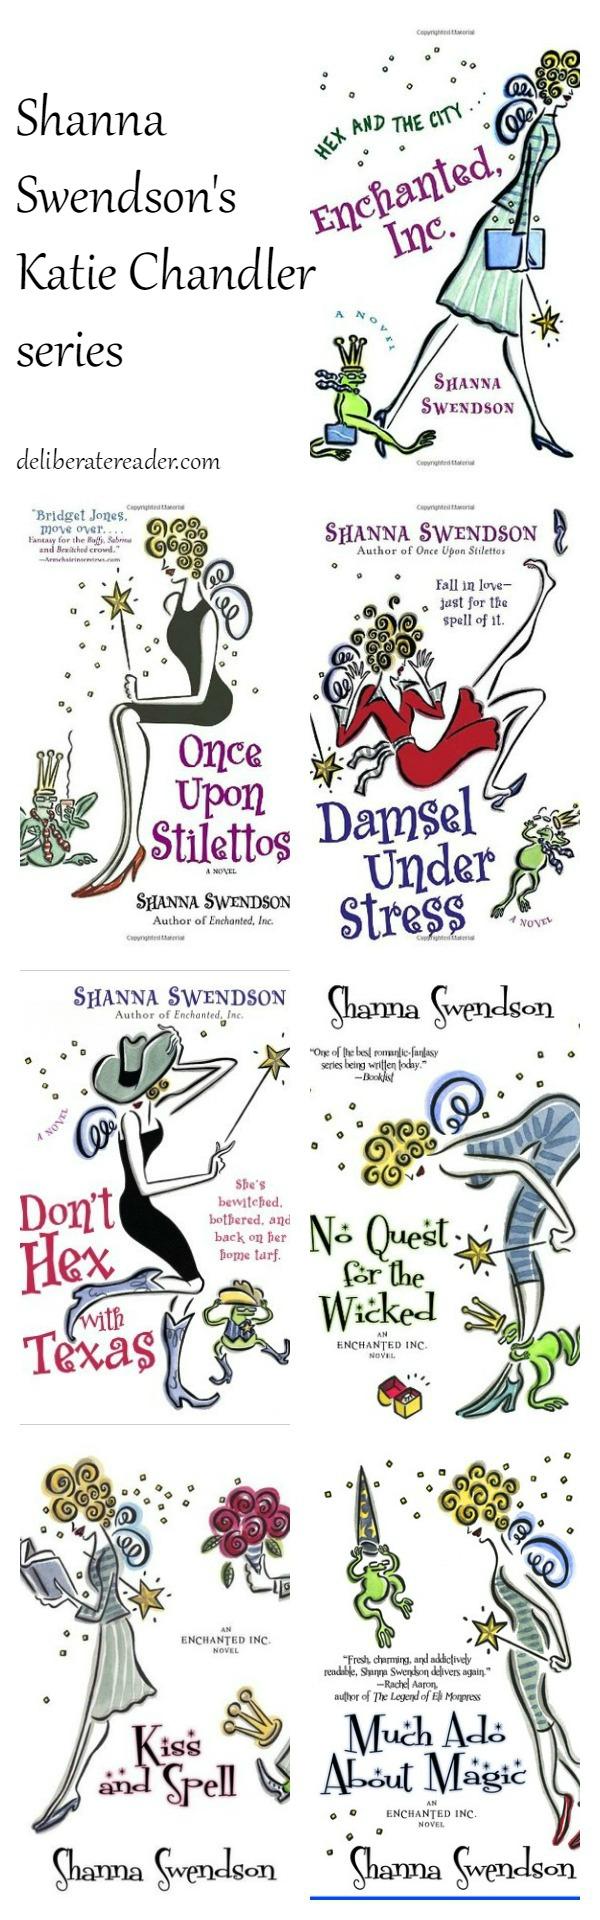 Shanna Swendson's Katie Chandler series